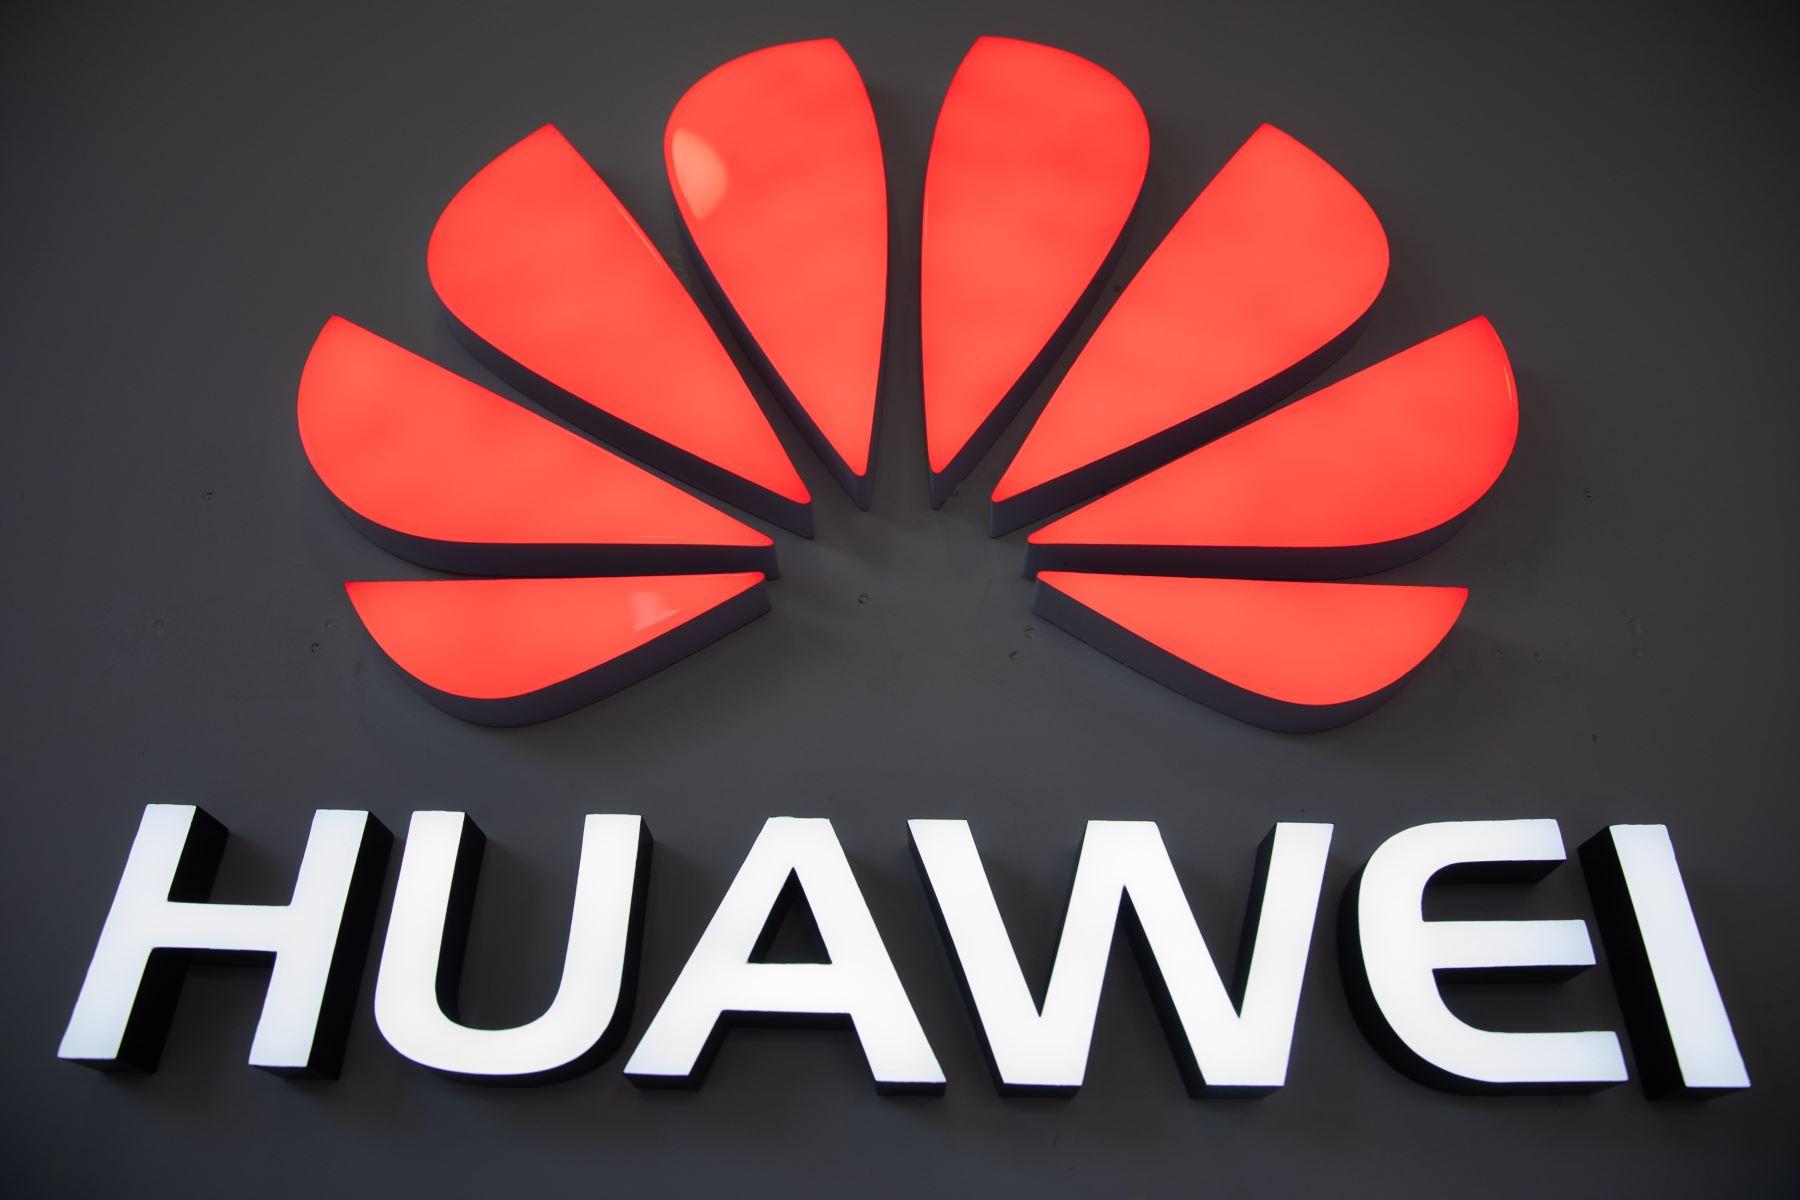 Imagen que muestra el logotipo de Huawei en una tienda de la marca tecnológica china, este lunes en Pekín (China). El veto de Google y otras tecnológicas estadounidenses a Huawei podría frustrar la aspiración del fabricante chino de convertirse en breve en el mayor fabricante de móviles del mundo. Foto: EFE